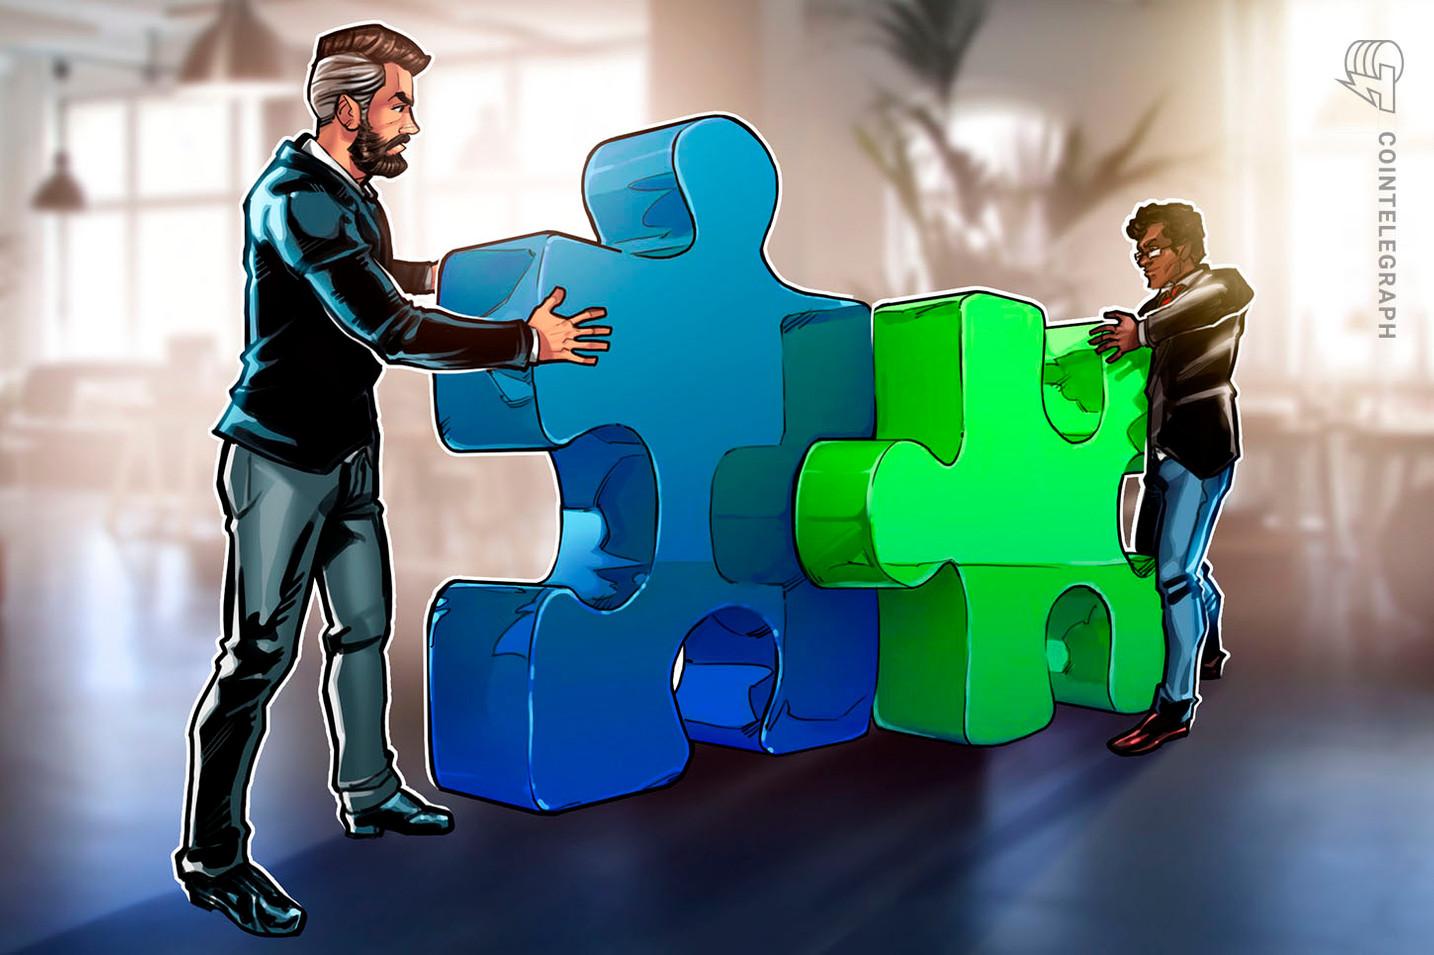 Exclusivo: Rede social baseada em blockchain faz parceria com a Matic Network